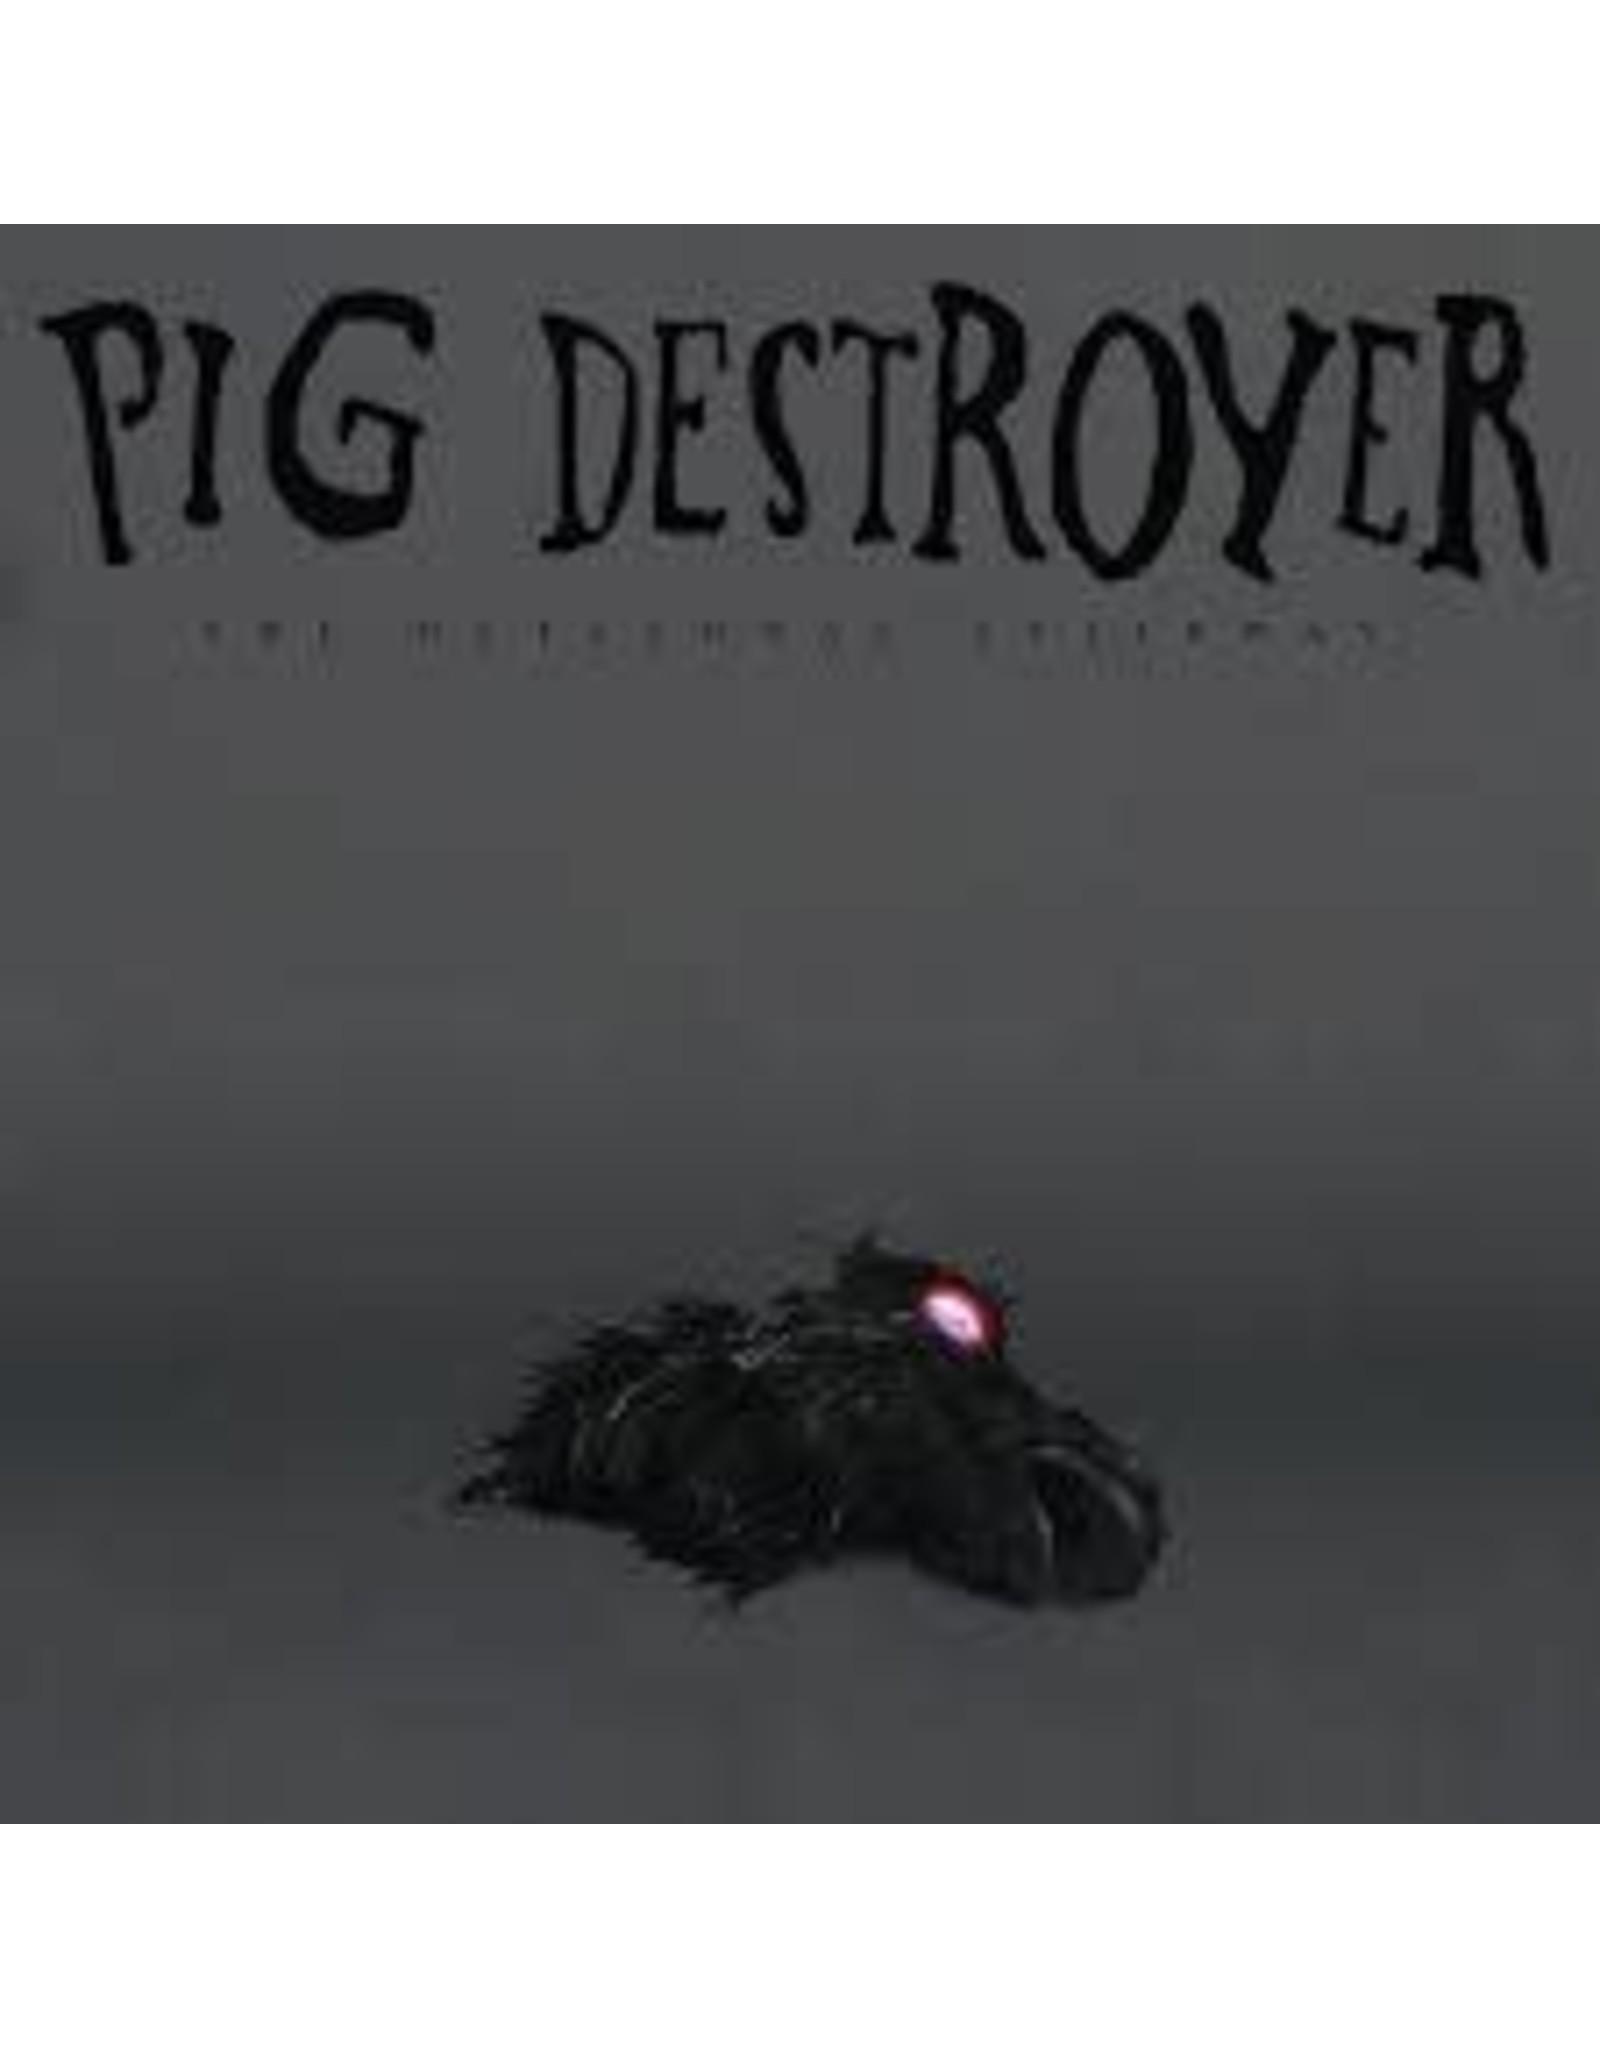 Pig Destroyer - Octagonal Stairway LP